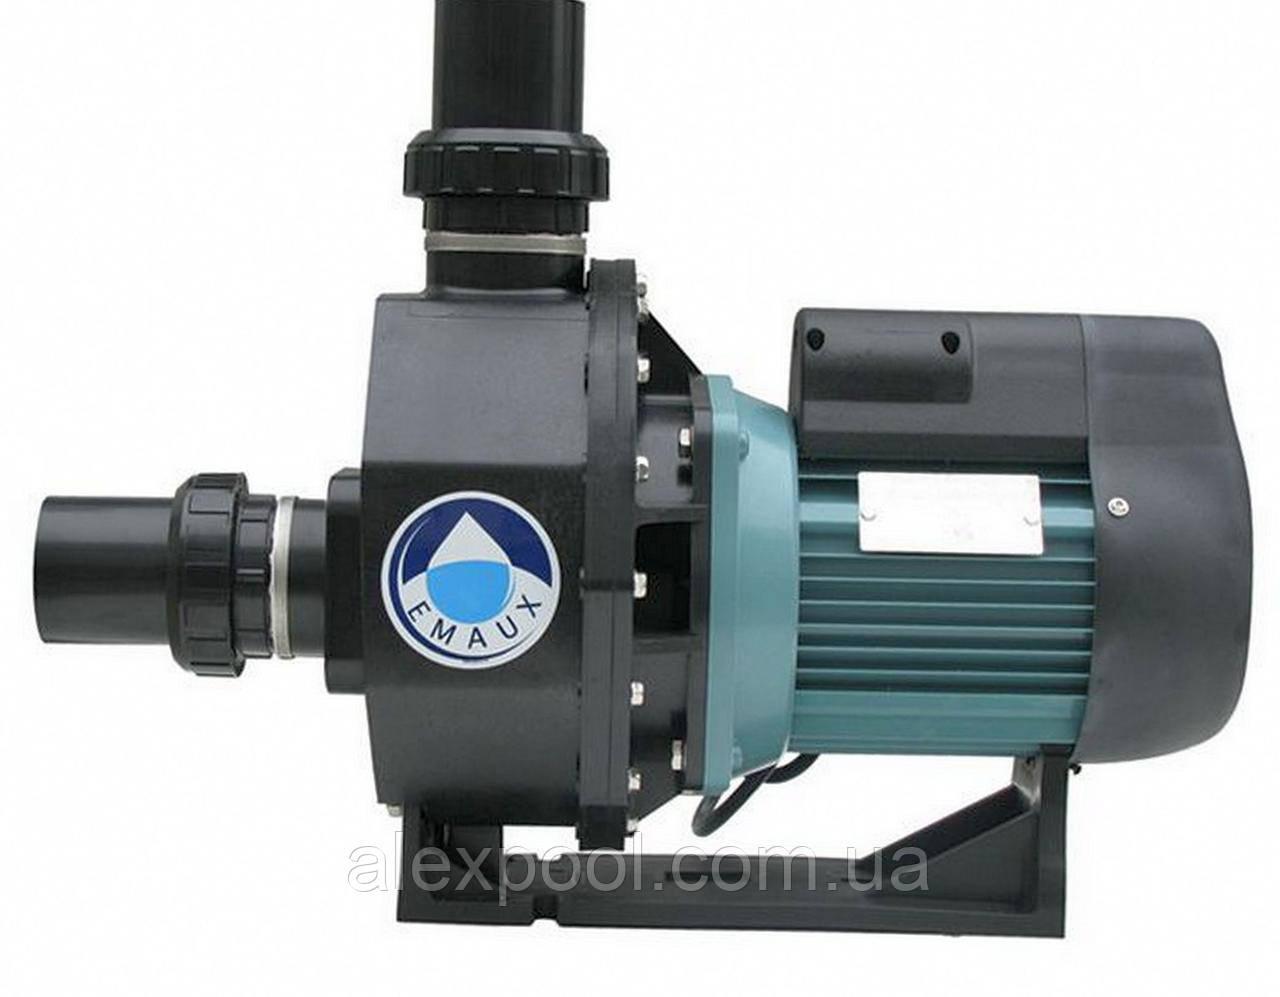 Насос для бассейна Emaux SR20 (SR20, 27 м. куб/час, 1.8 кВт, 2,0 HP, 220В)